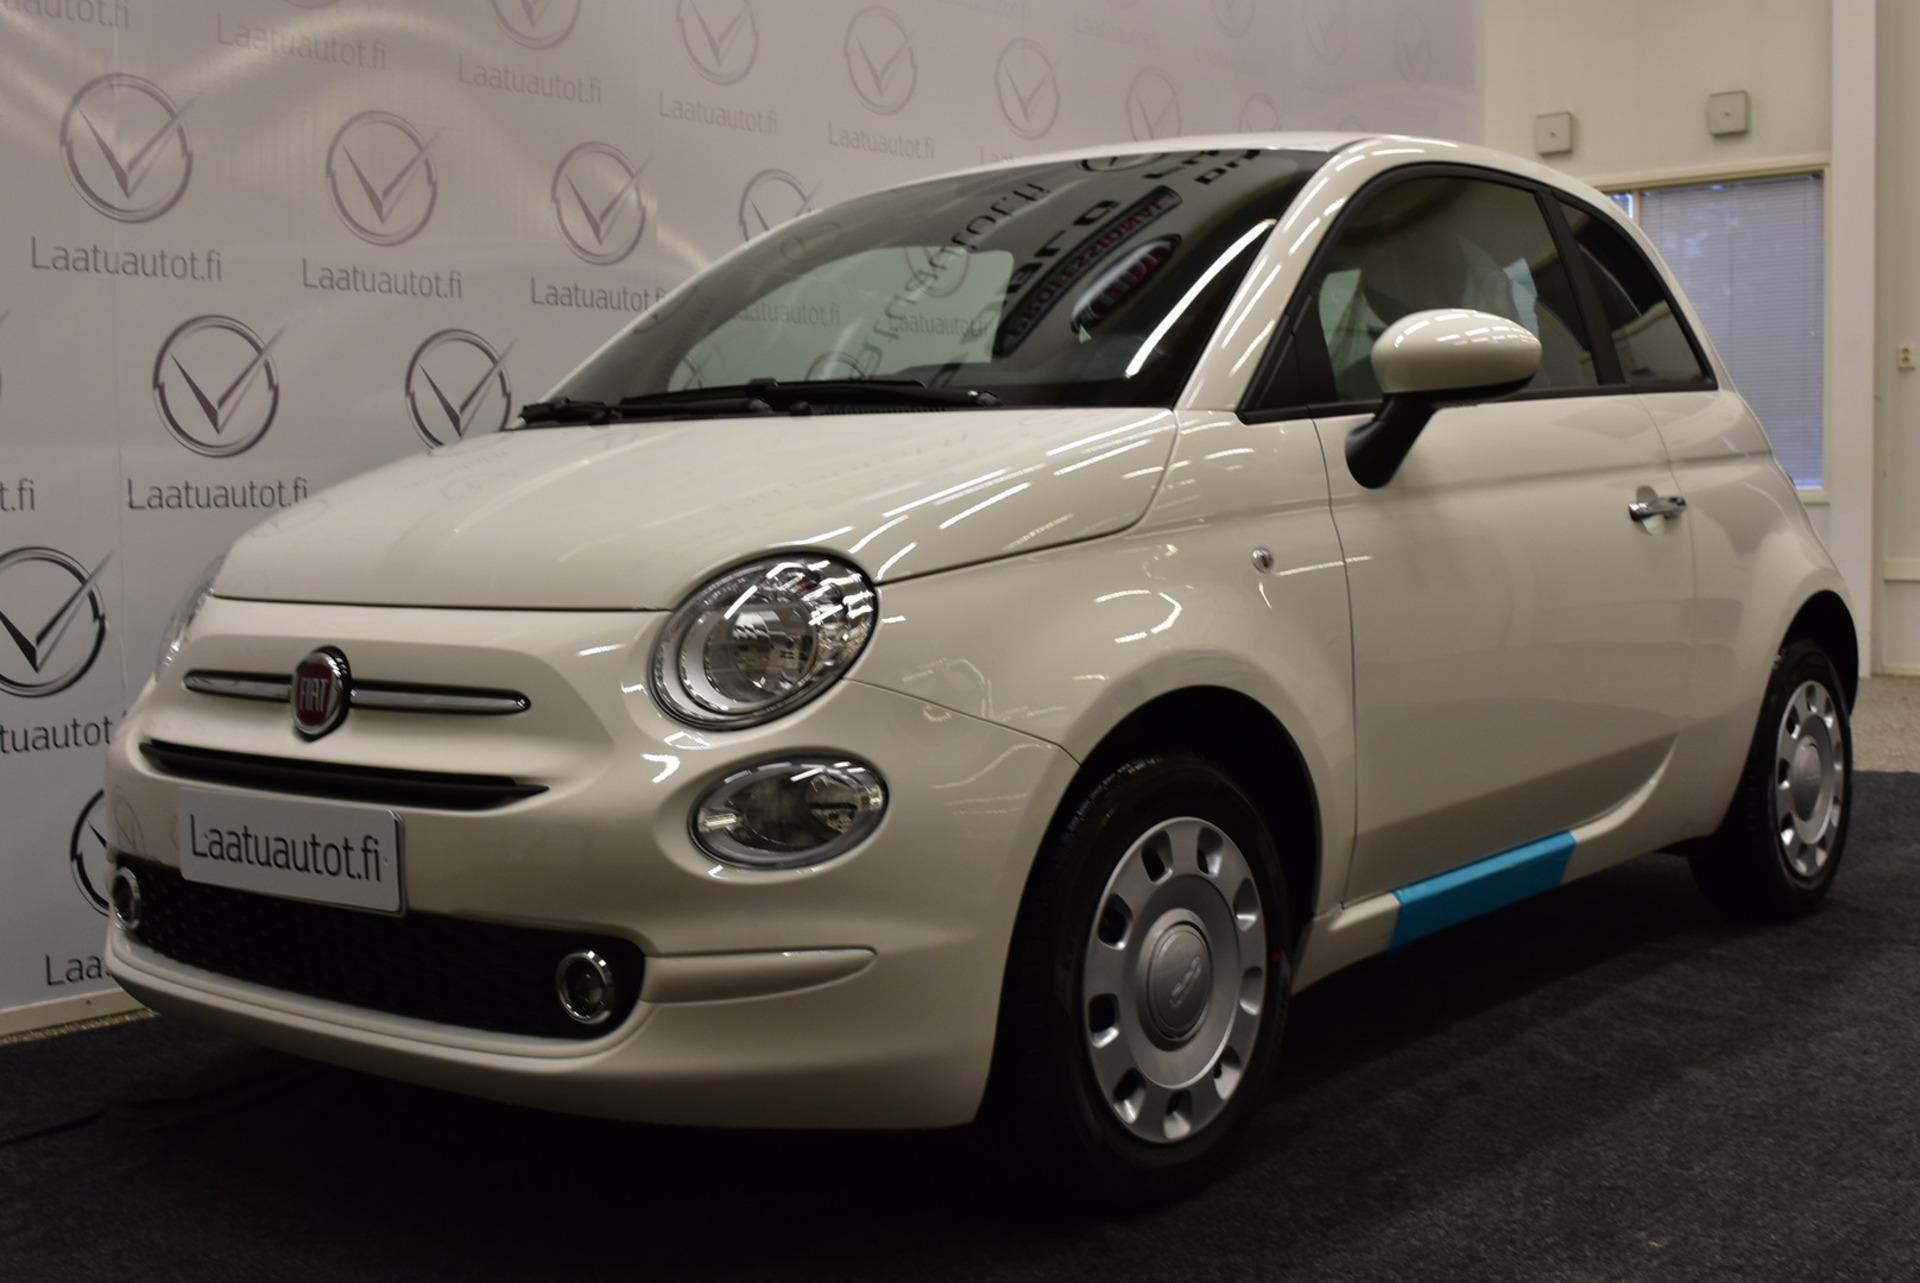 FIAT 500 1, 0 70hv Hybrid MT Pop - Uusi hybrid nopeaan toimitukseen,  korkotarjous 0, 9%+kulut,  jopa ilman käsirahaa.